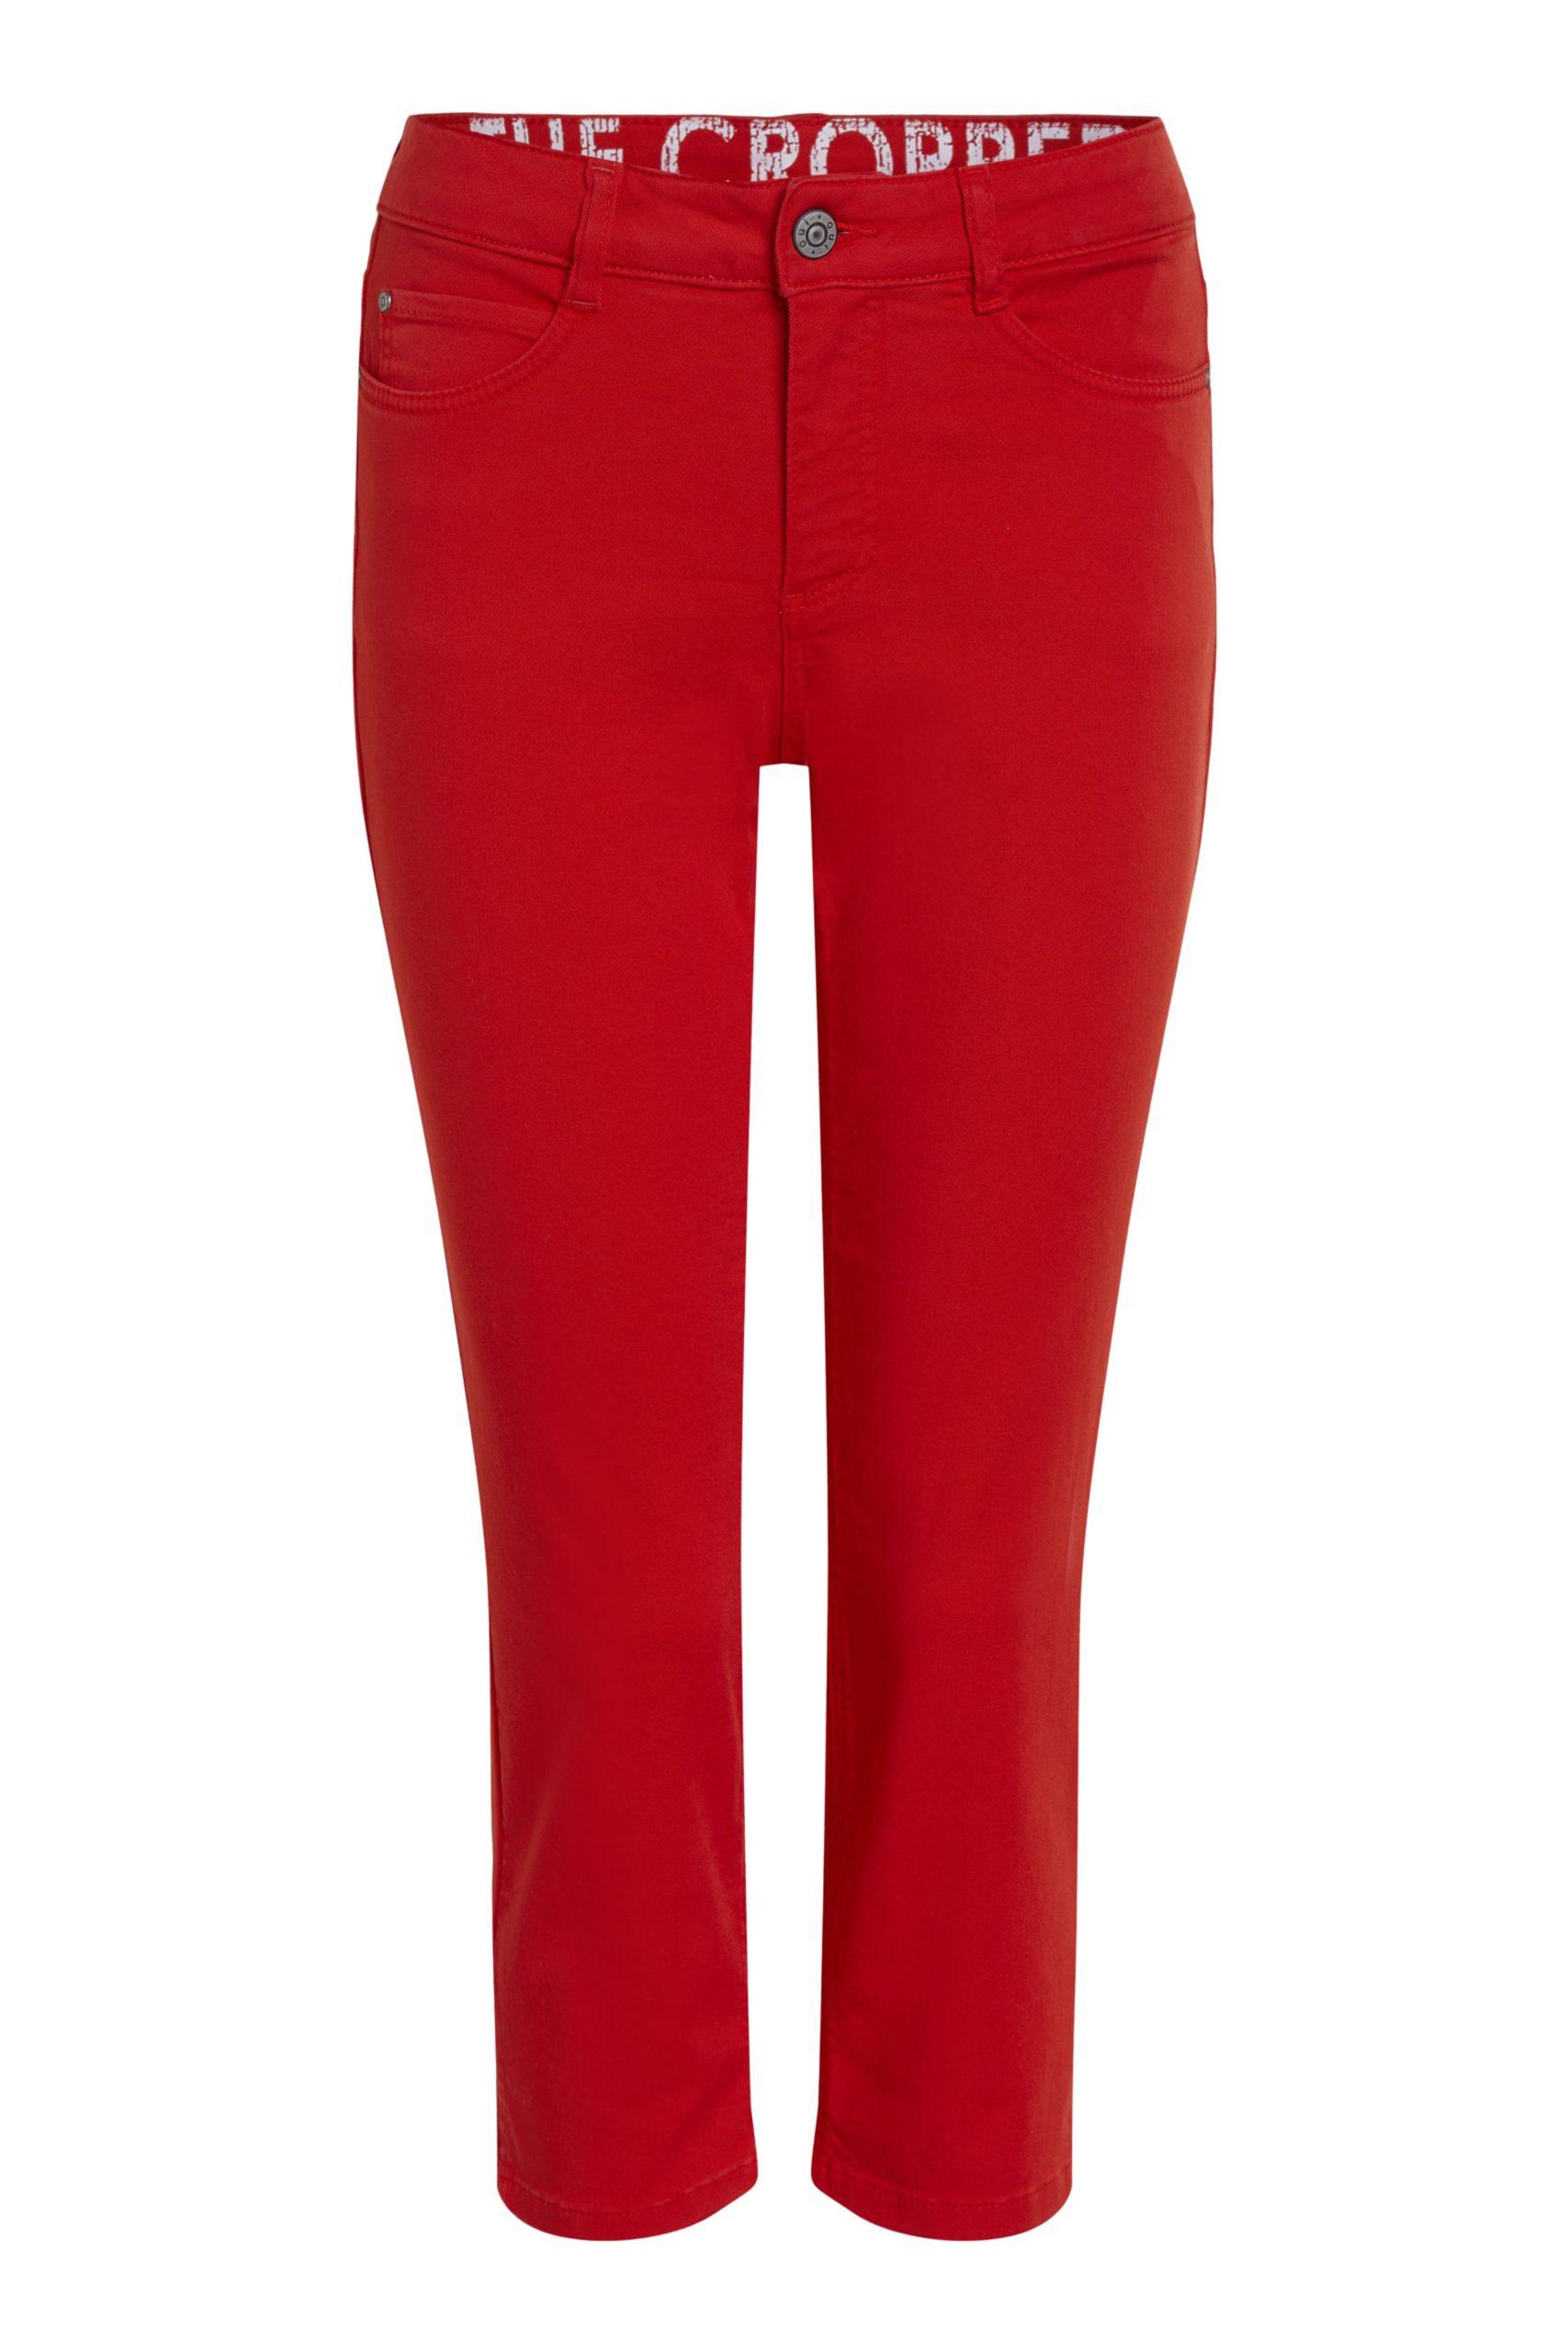 OUI Fiery Red Crop Jeans